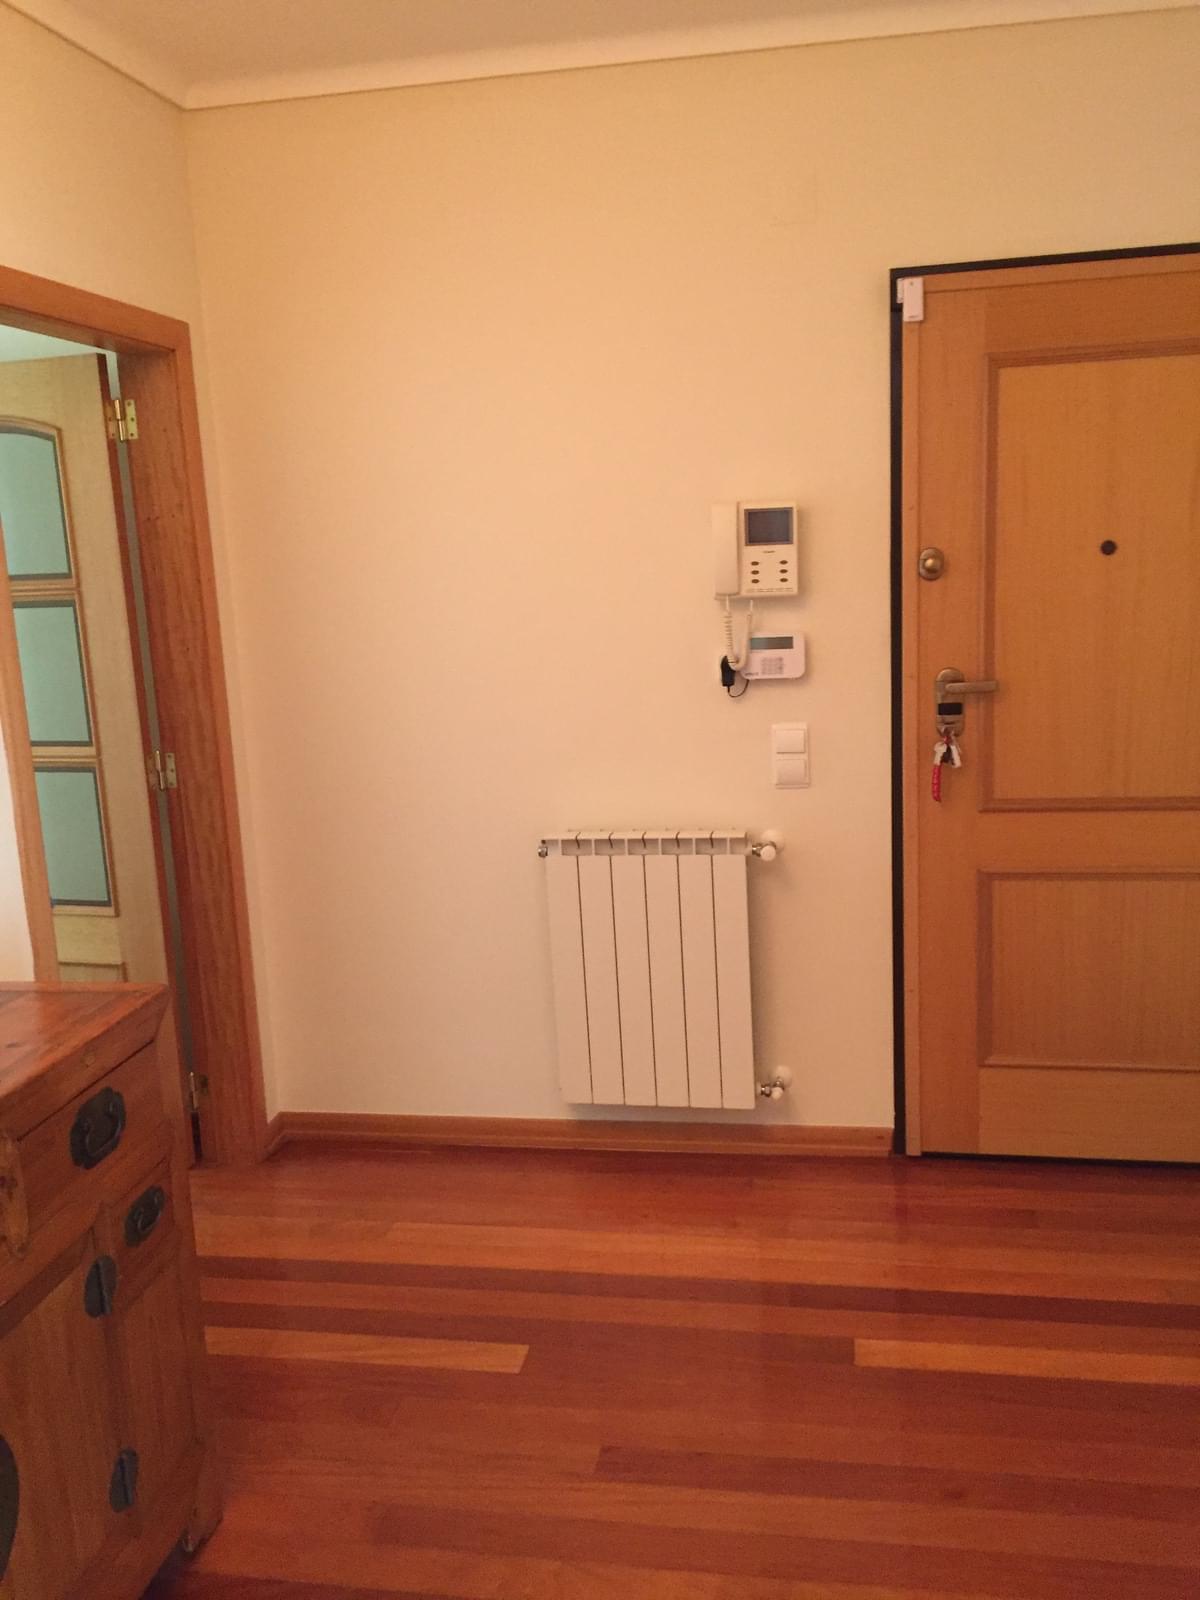 pf18450-apartamento-t3-cascais-06ab166d-4d94-4083-a671-7cd3d4d03243